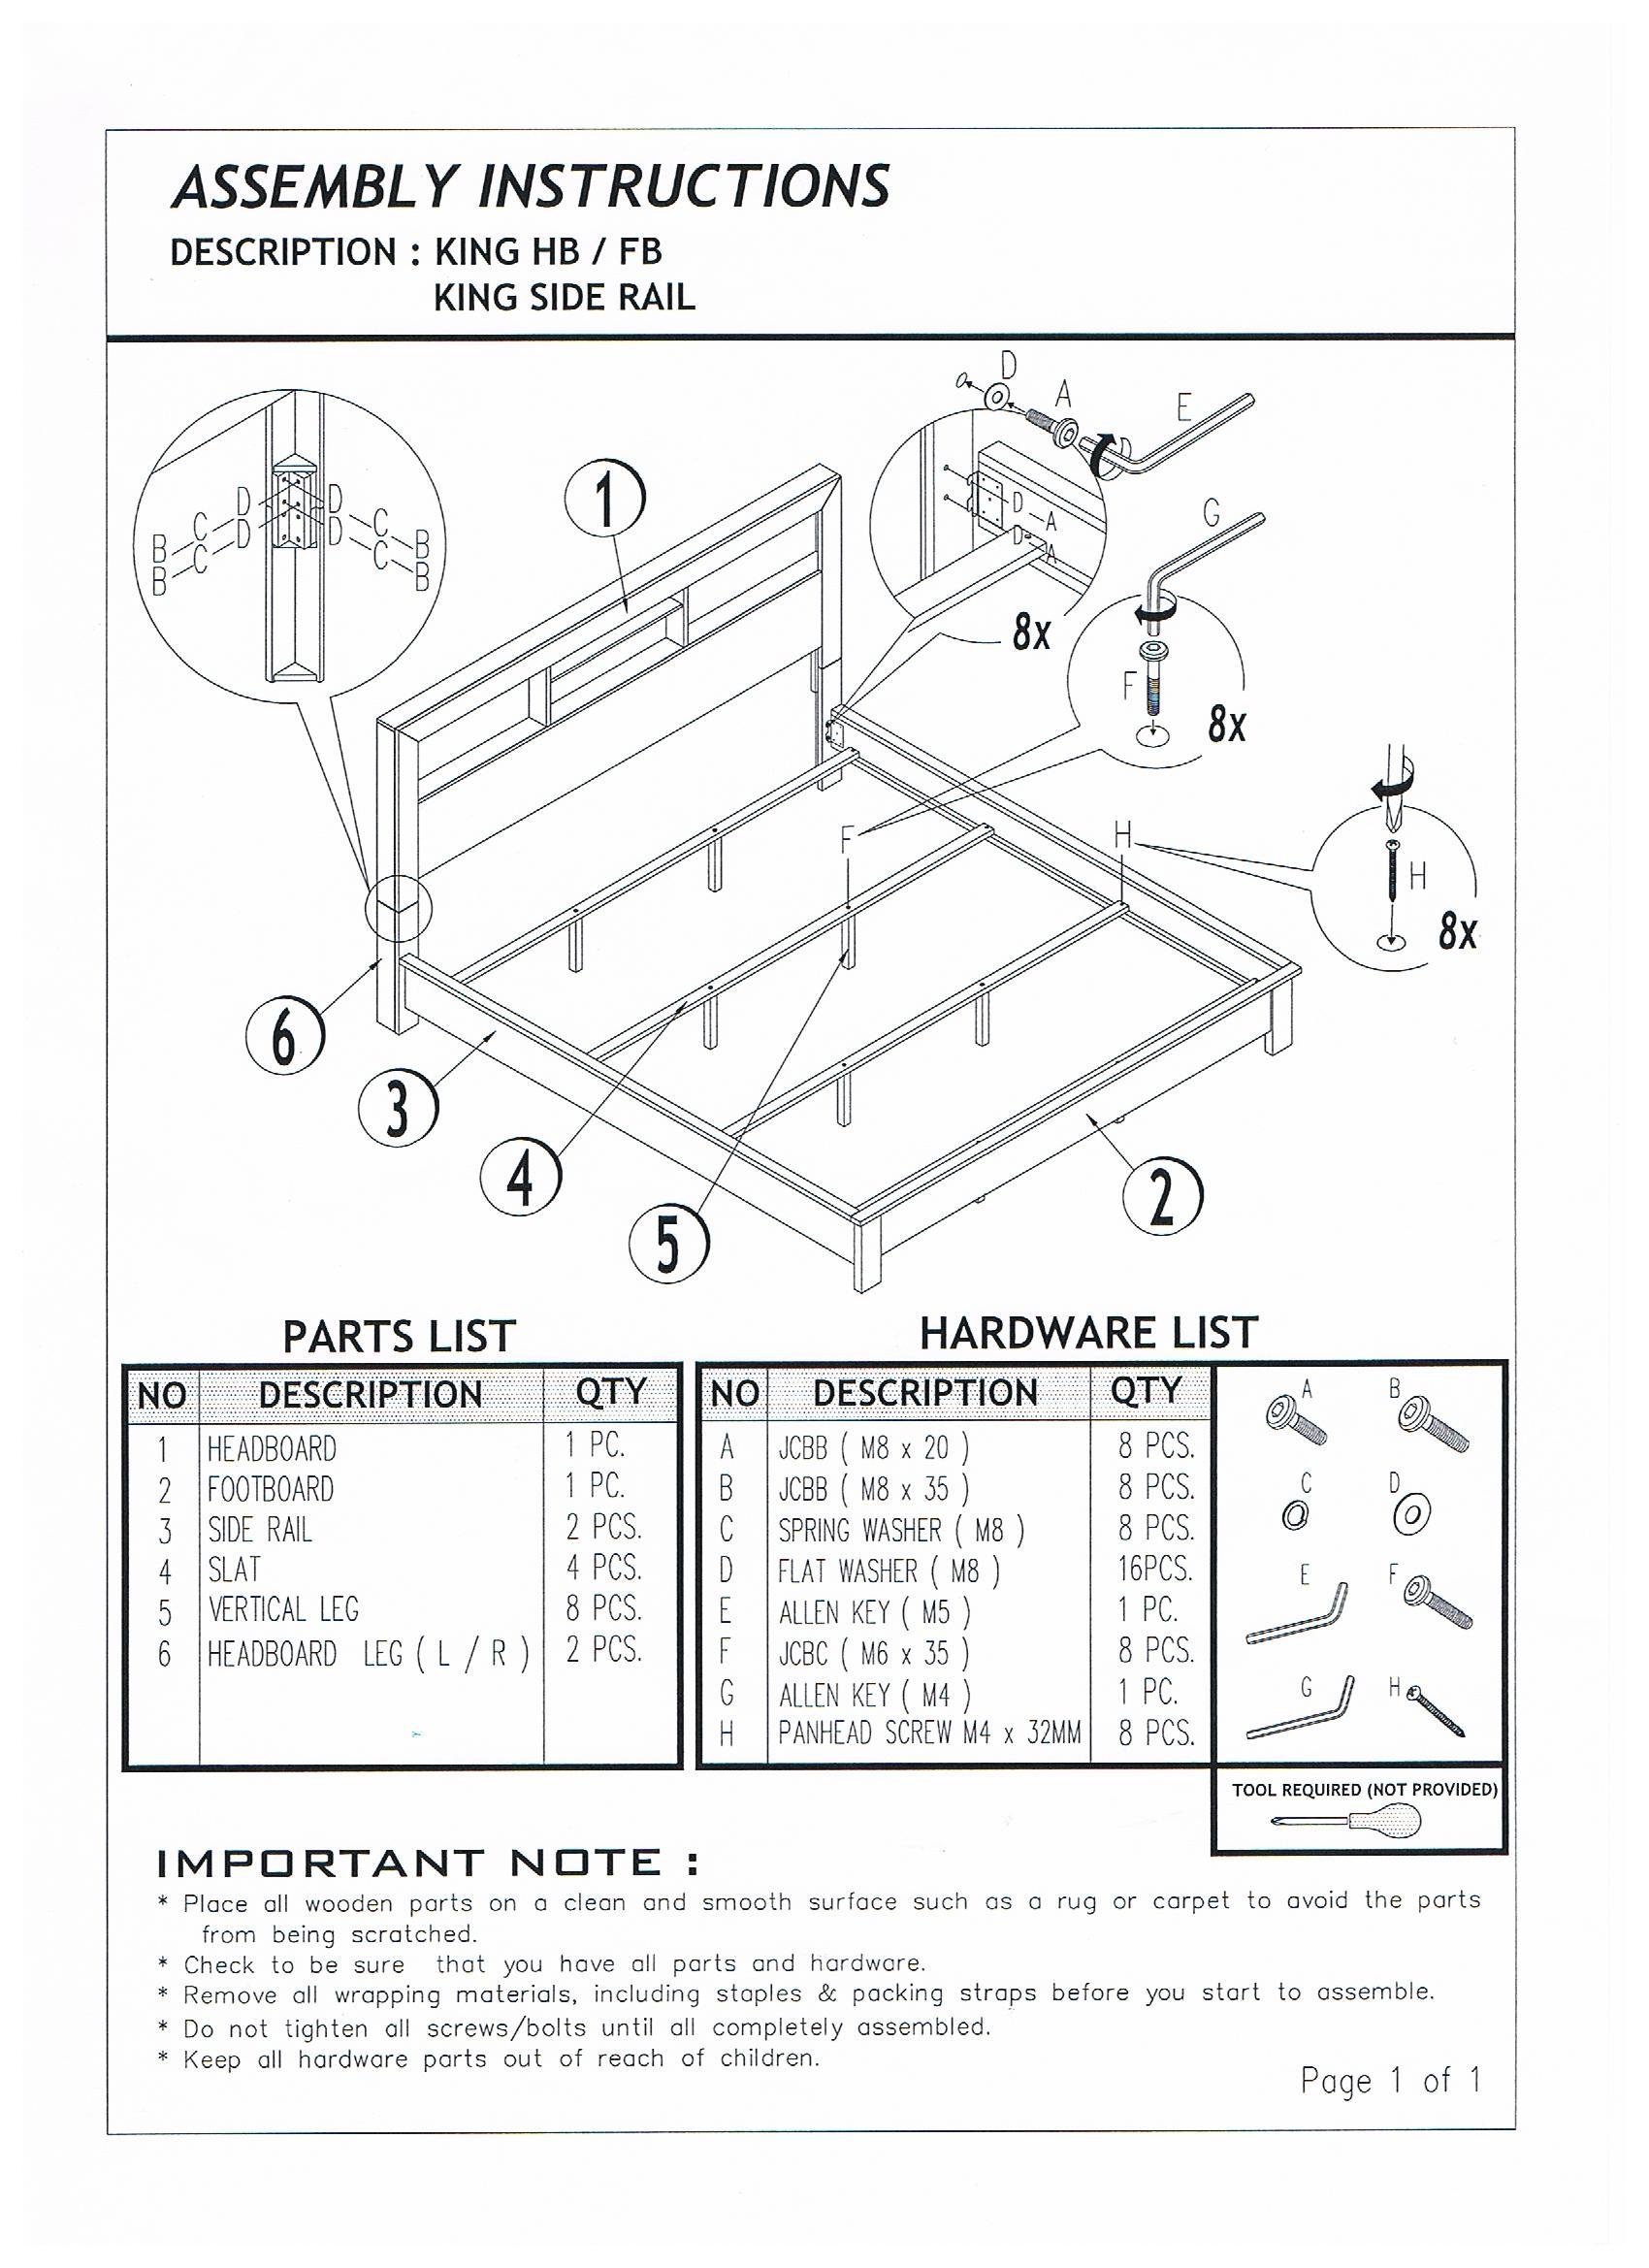 Split King Adjustable Bed1 Manual Guide